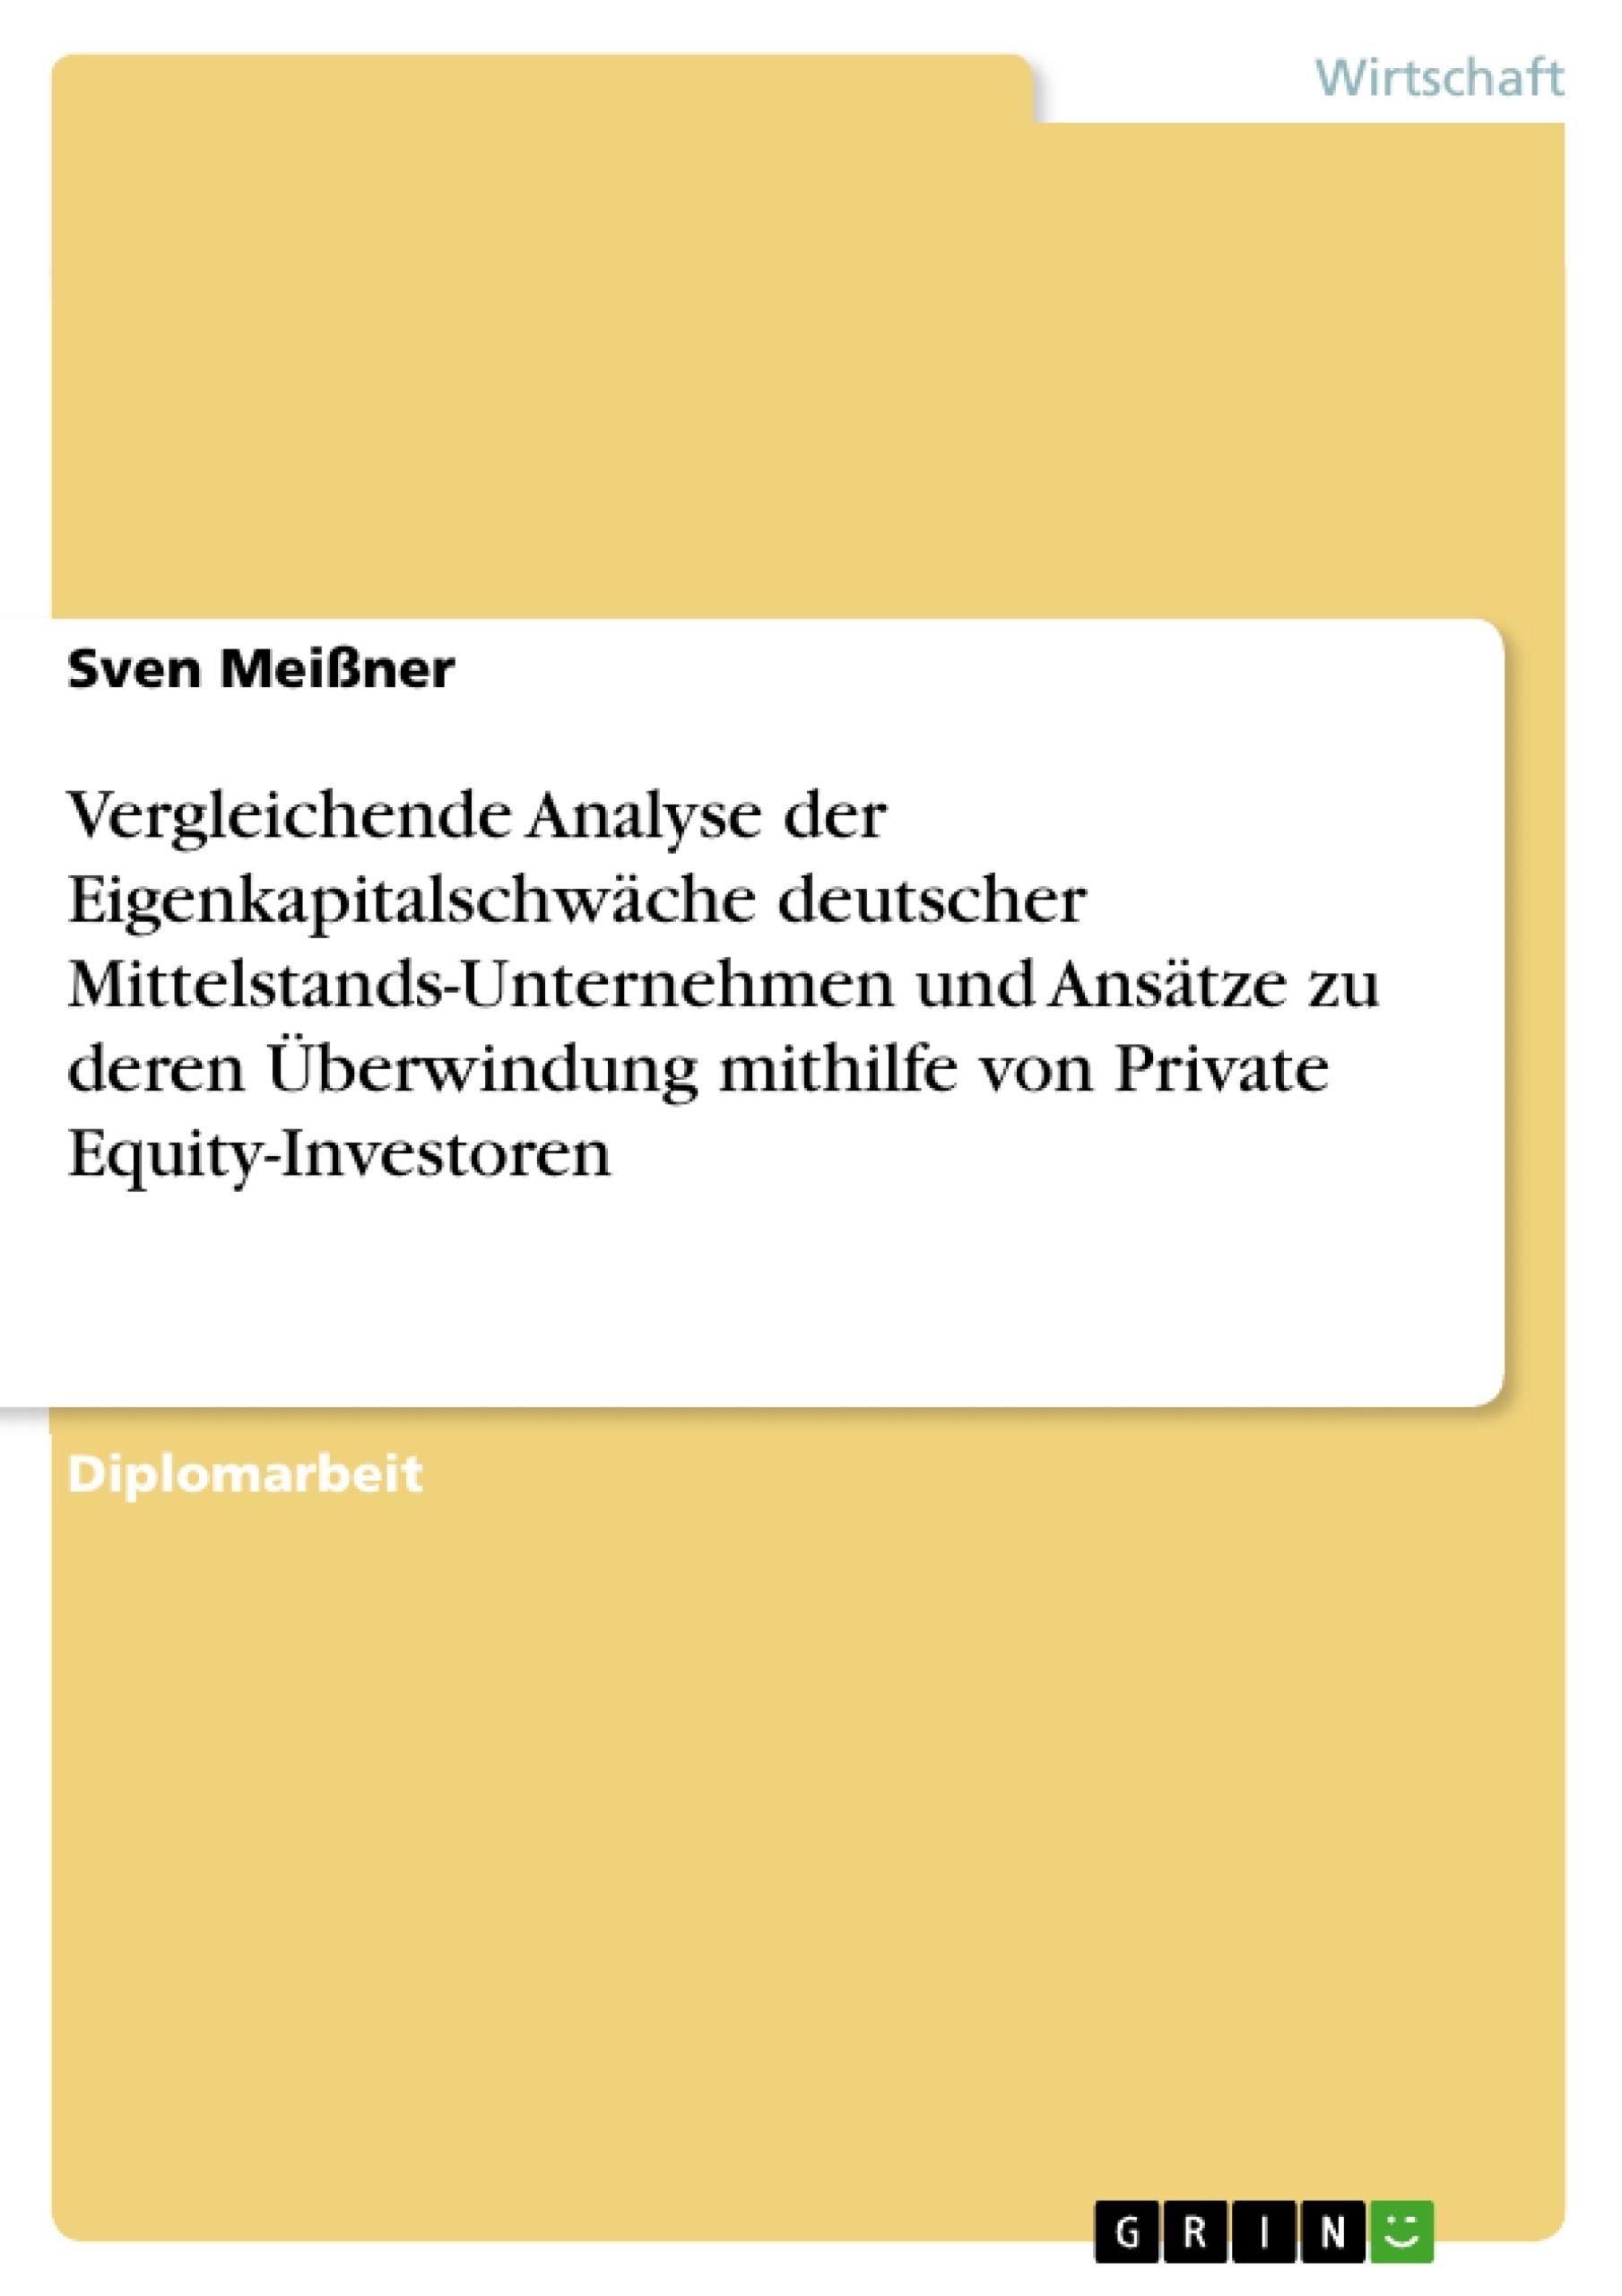 Titel: Vergleichende Analyse der Eigenkapitalschwäche deutscher Mittelstands-Unternehmen und Ansätze zu deren Überwindung mithilfe von Private Equity-Investoren